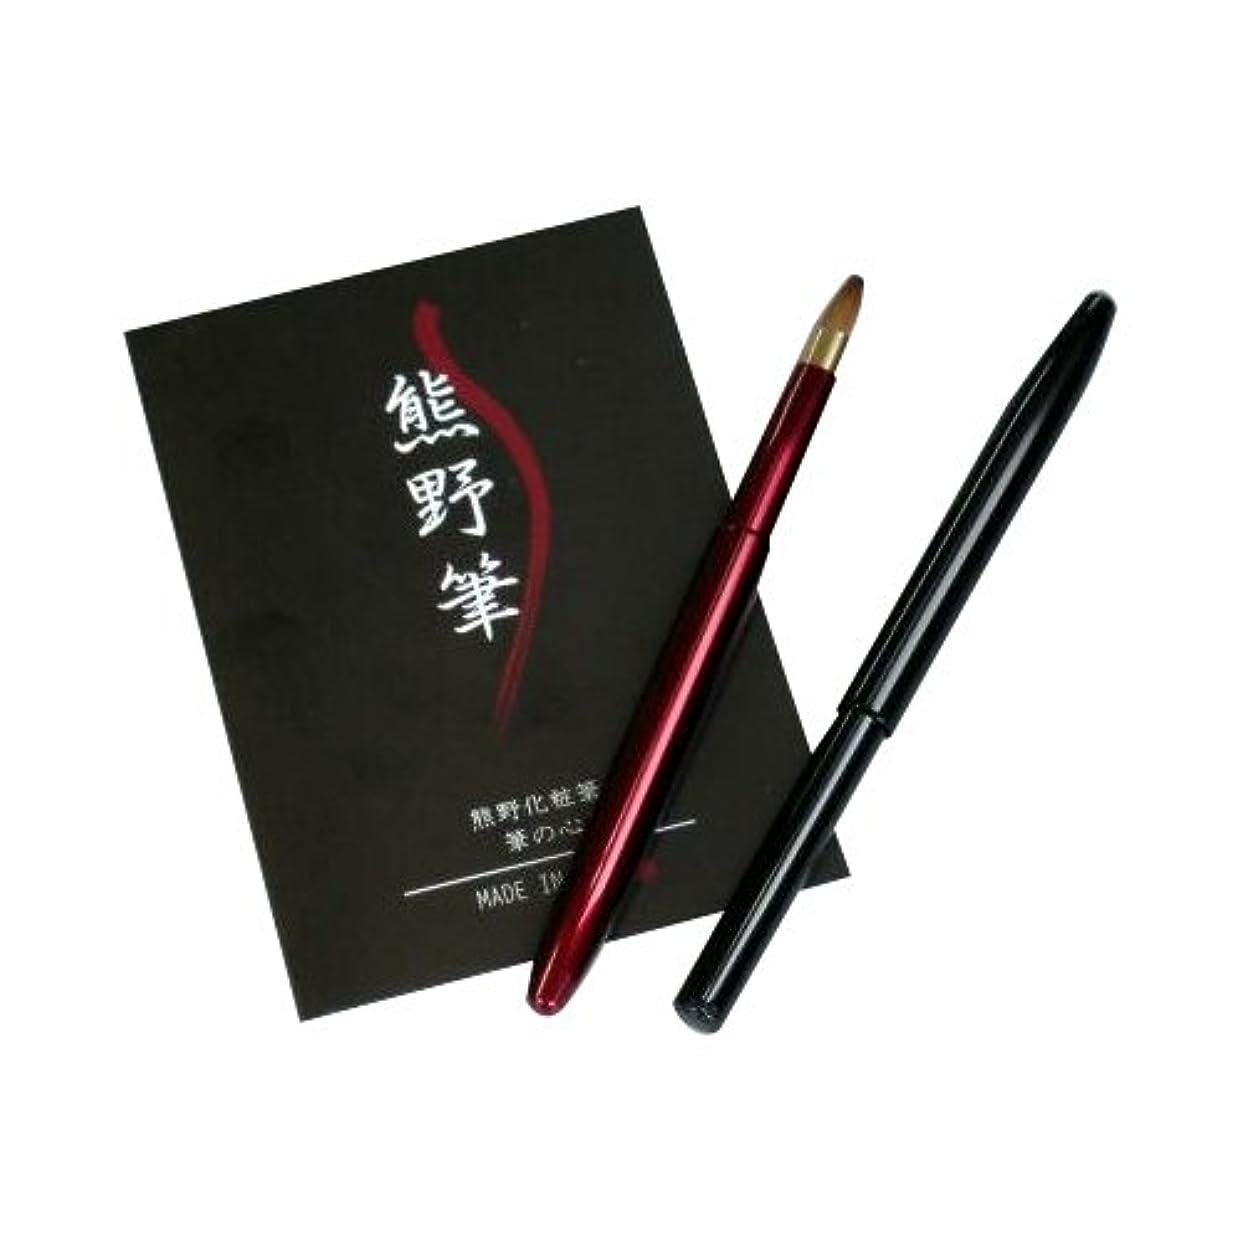 発行北西運動ゼニス 熊野化粧筆 筆の心 リップブラシ